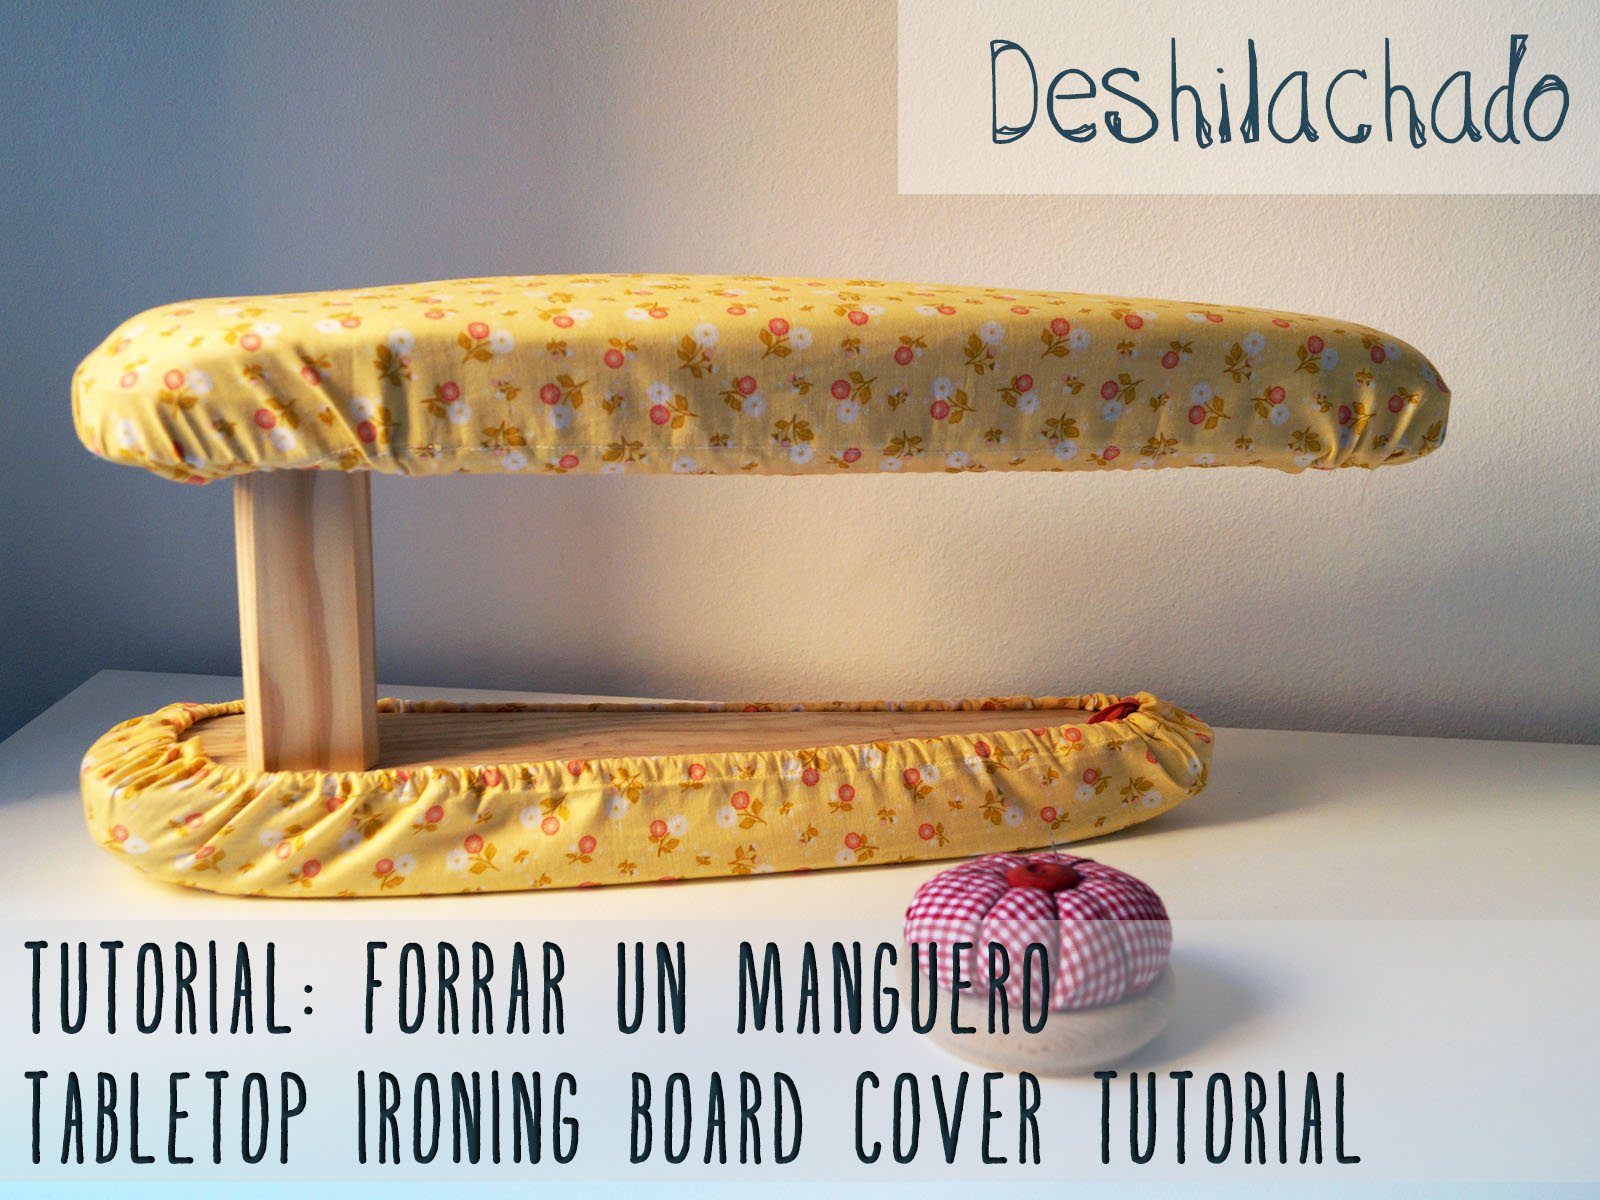 Deshilachado tutorial forrar un manguero tabletop - Trucos para no planchar ...